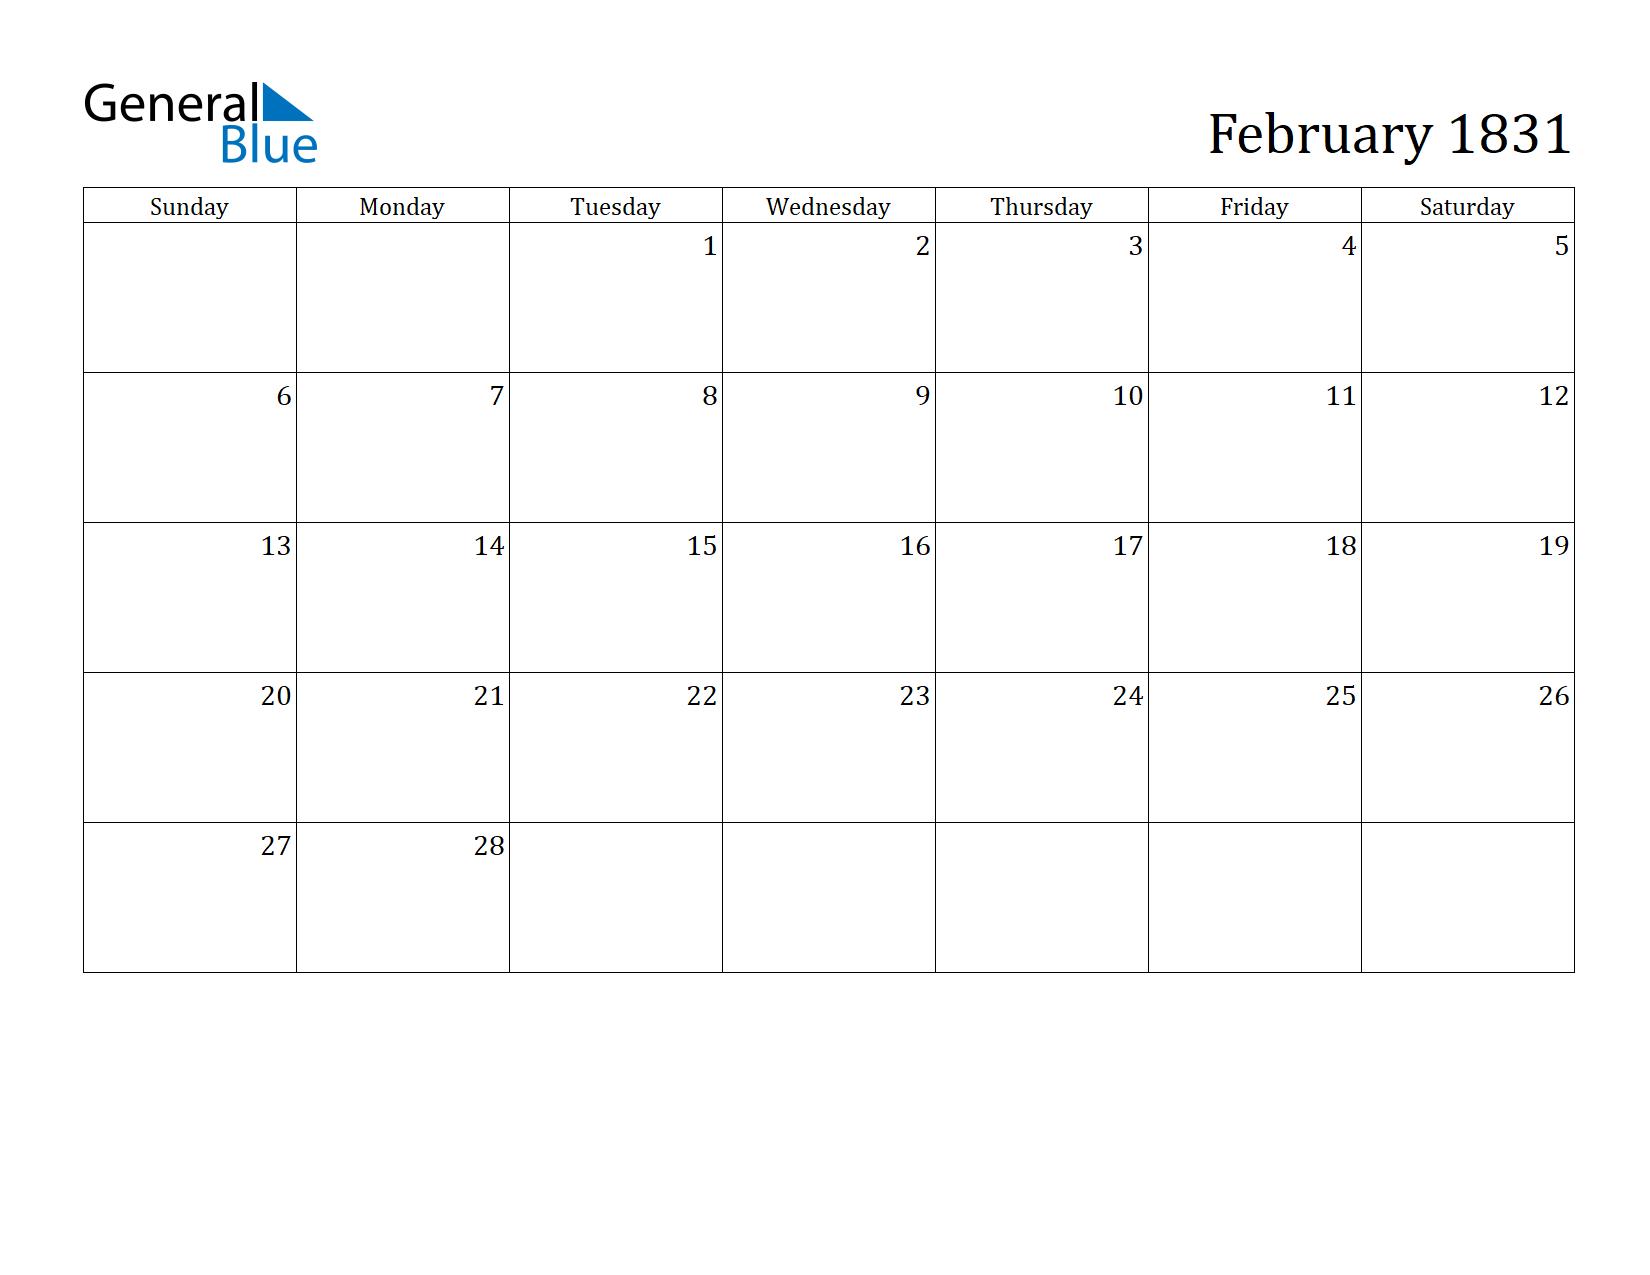 Image of February 1831 Calendar